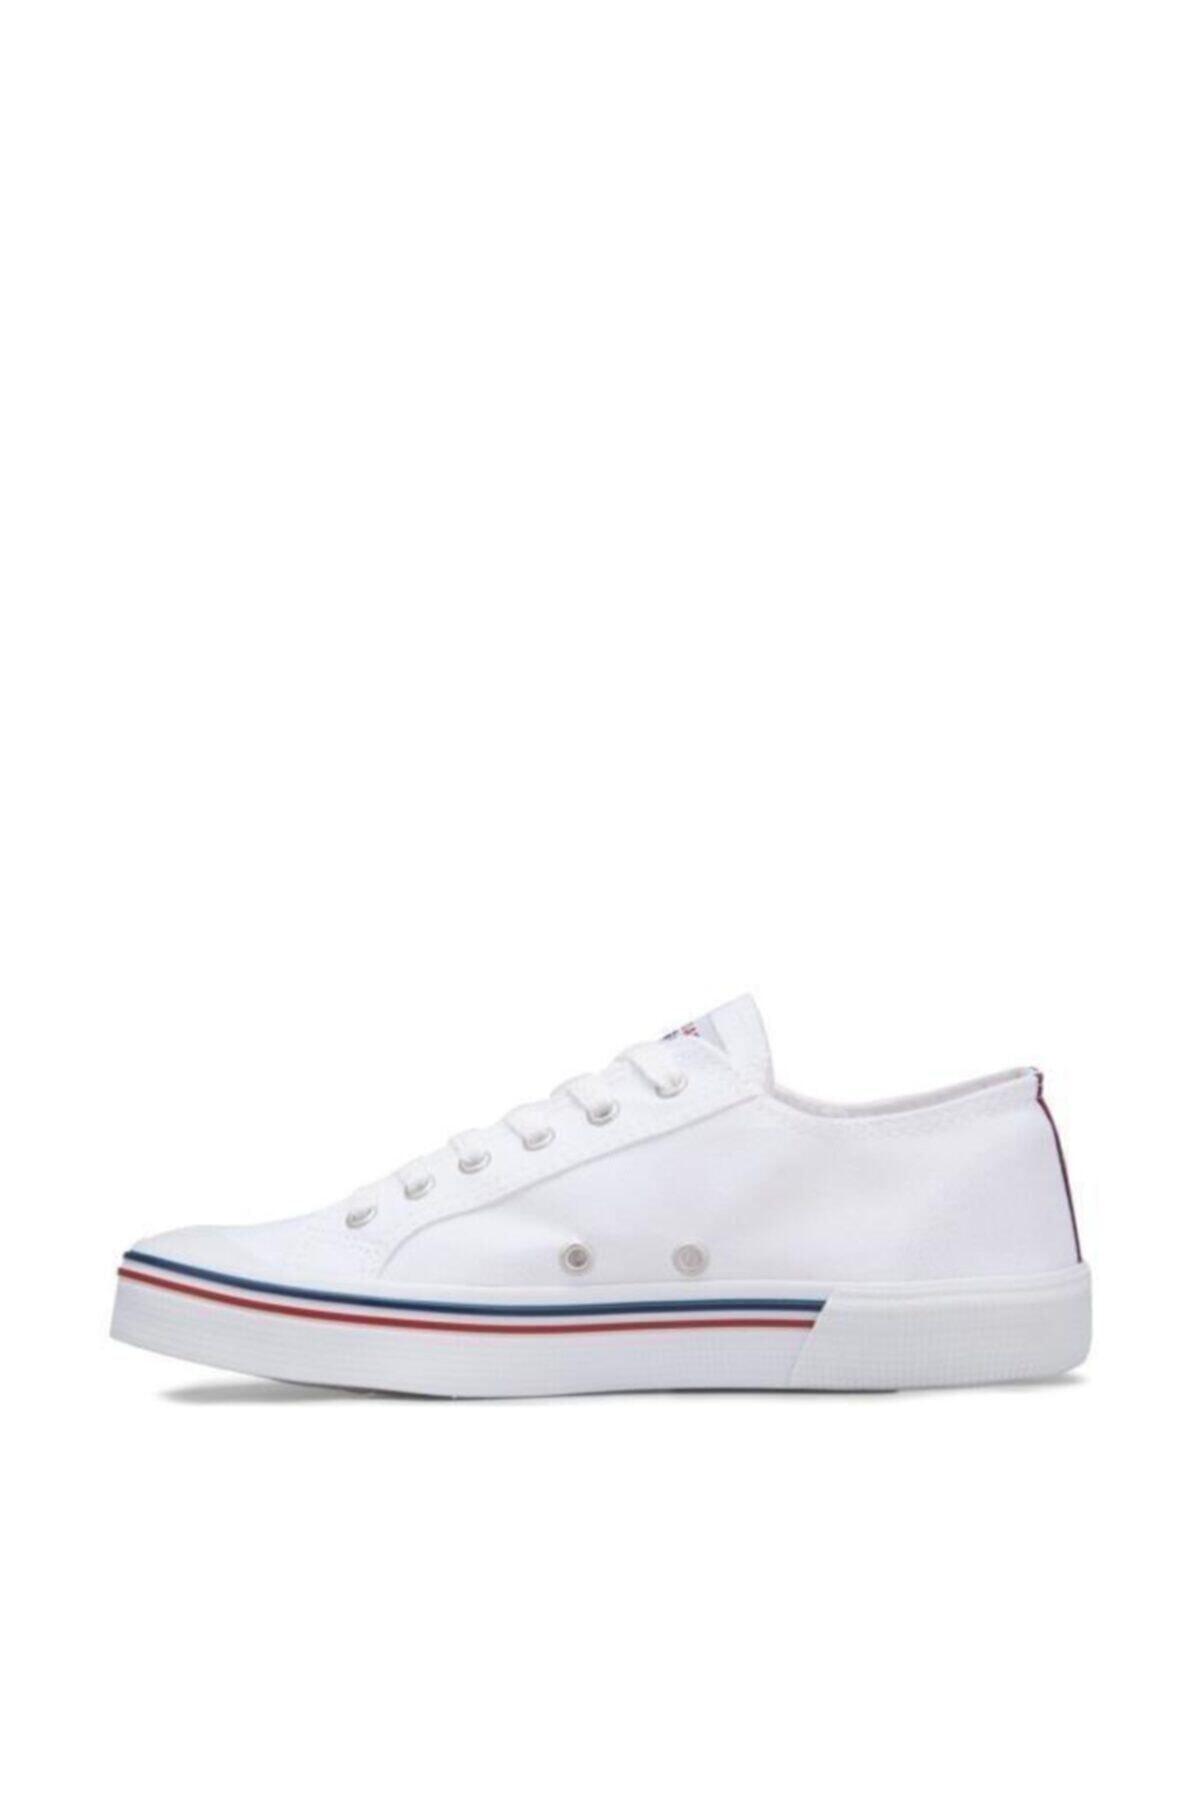 U.S. Polo Assn. PENELOPE Beyaz Erkek Sneaker 100248650 2